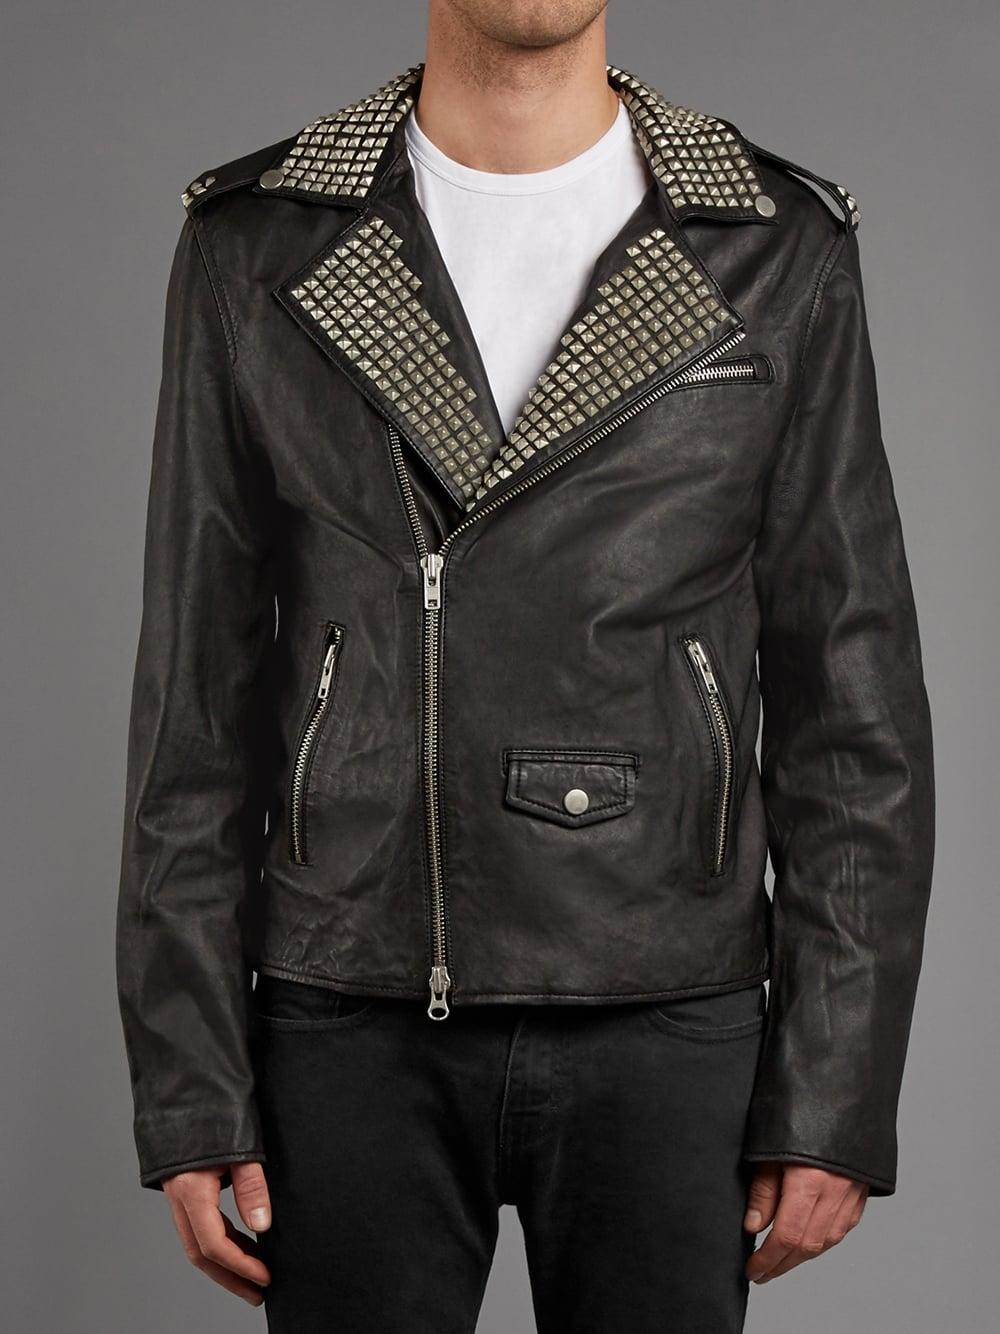 8b8ea544fc3c Vortic Studded Leather Biker Jacket in Black - SHOP WOMEN from Muubaa UK